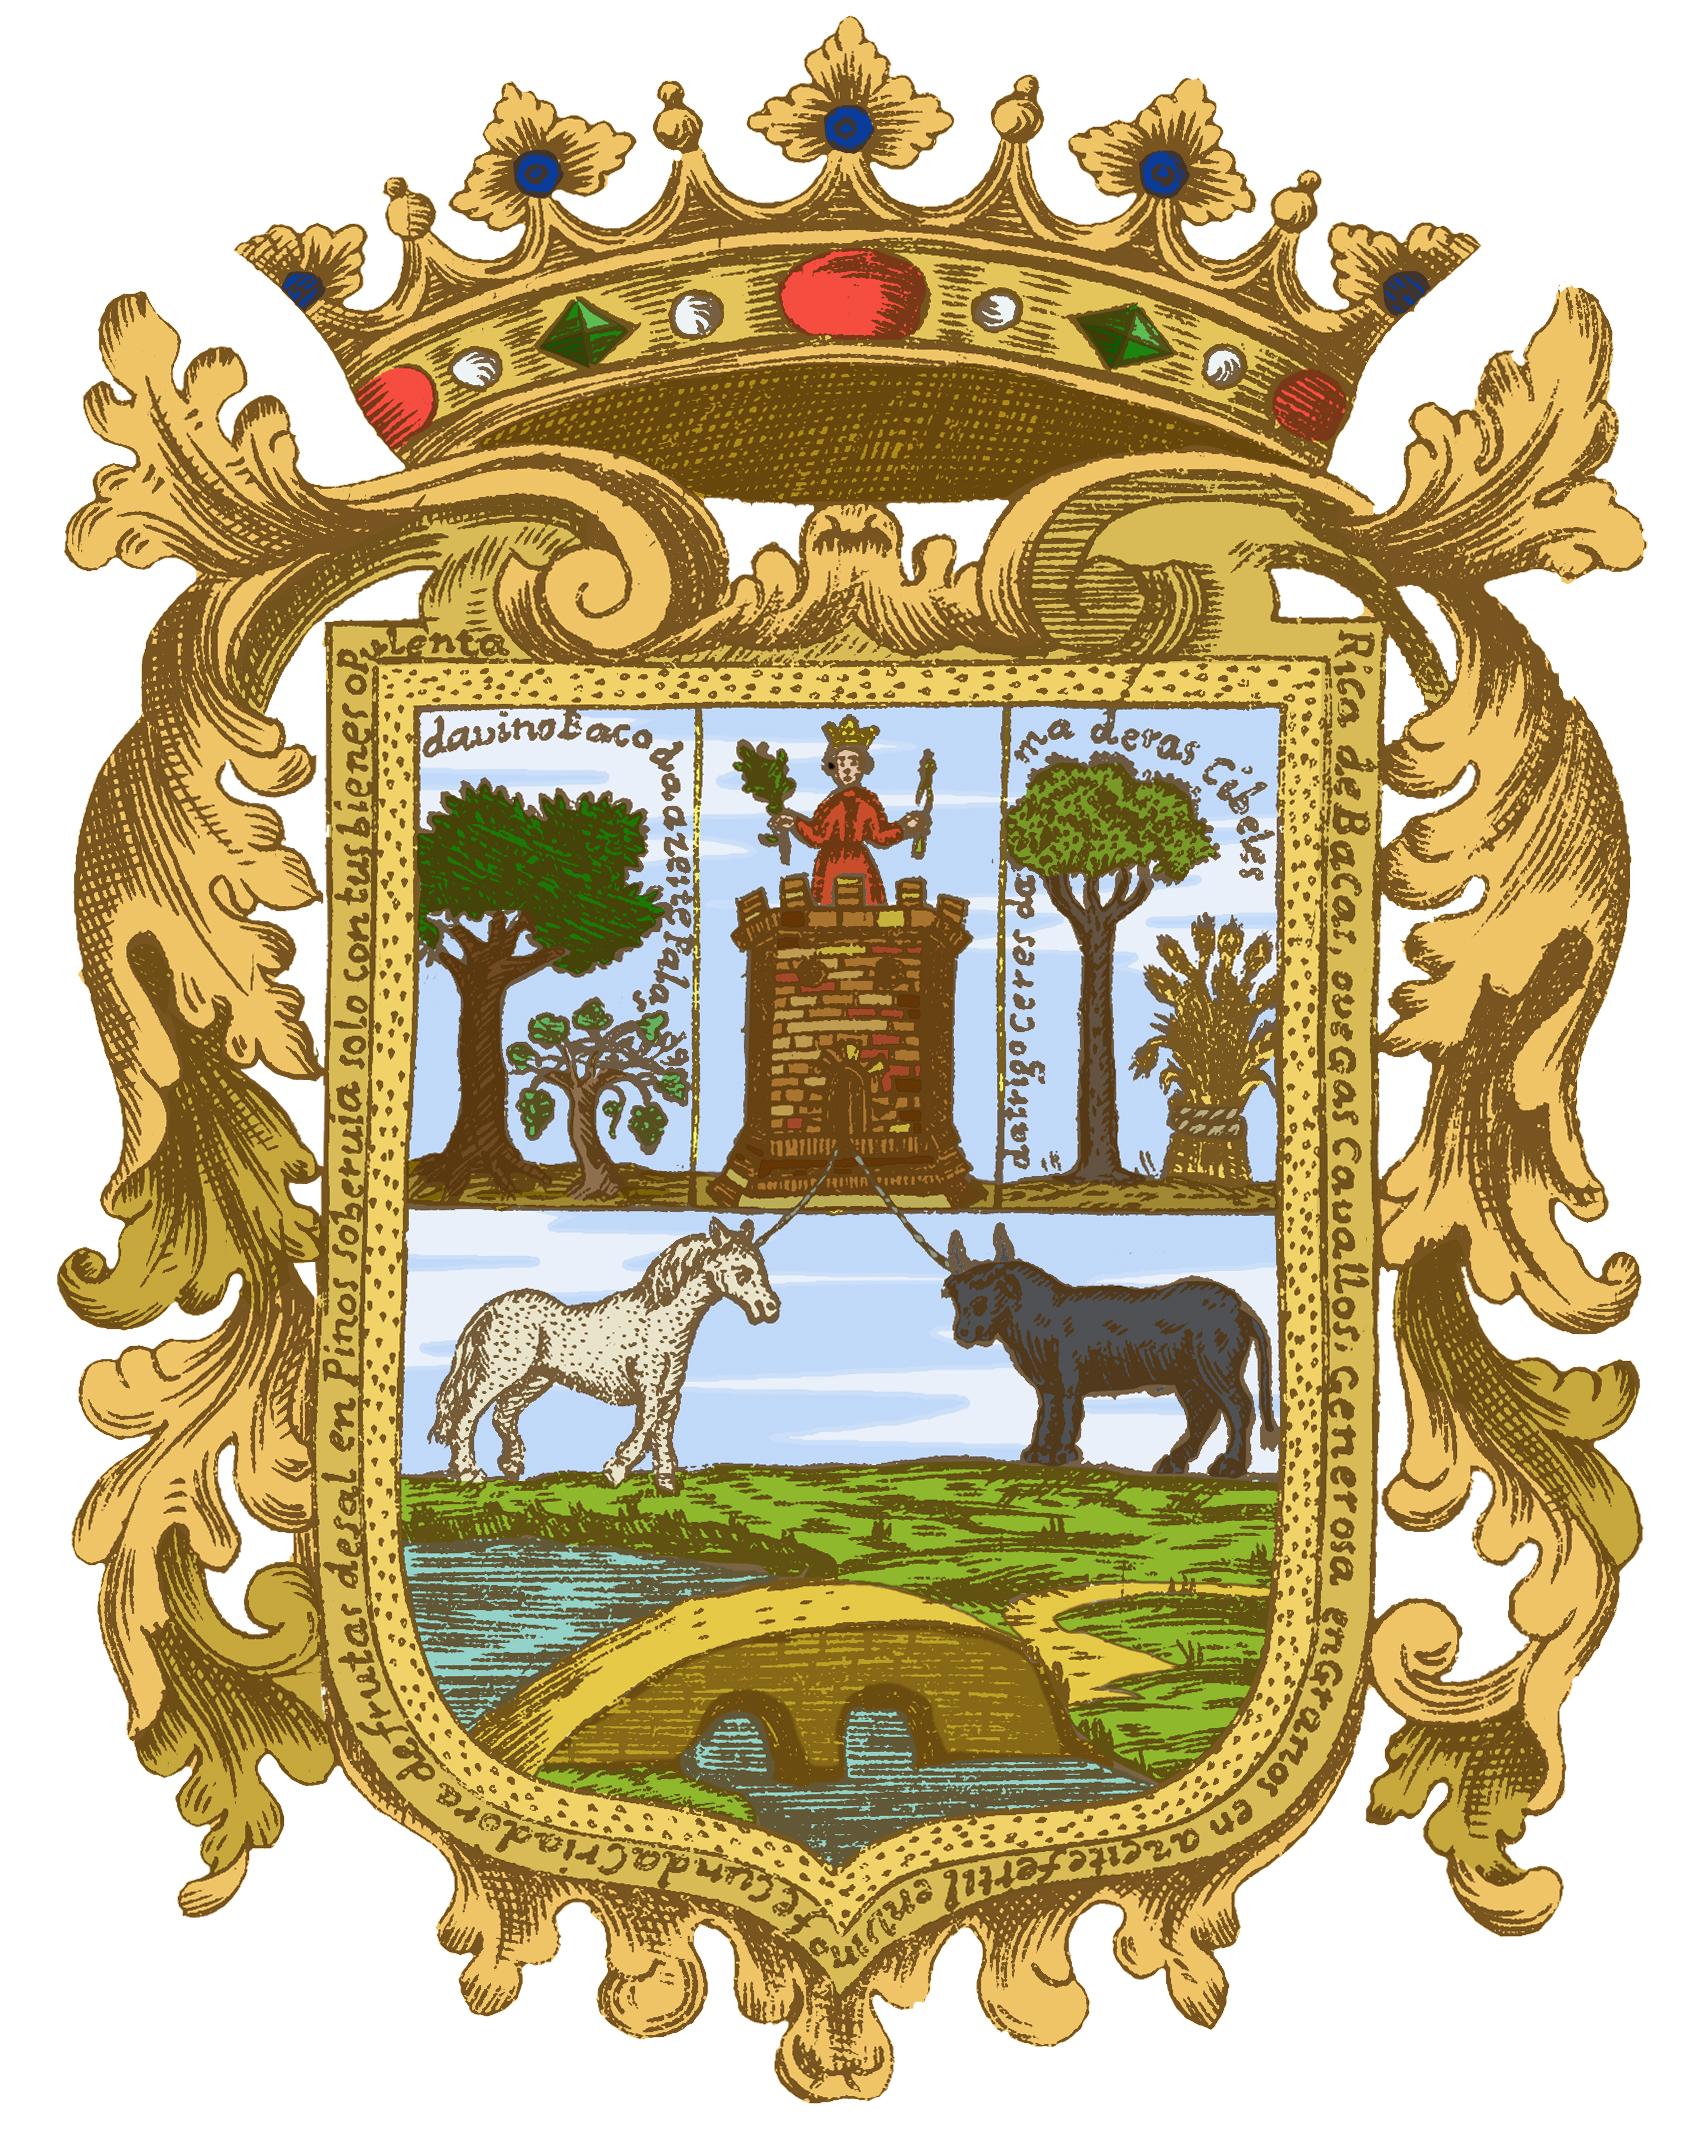 Depiction of Utrera